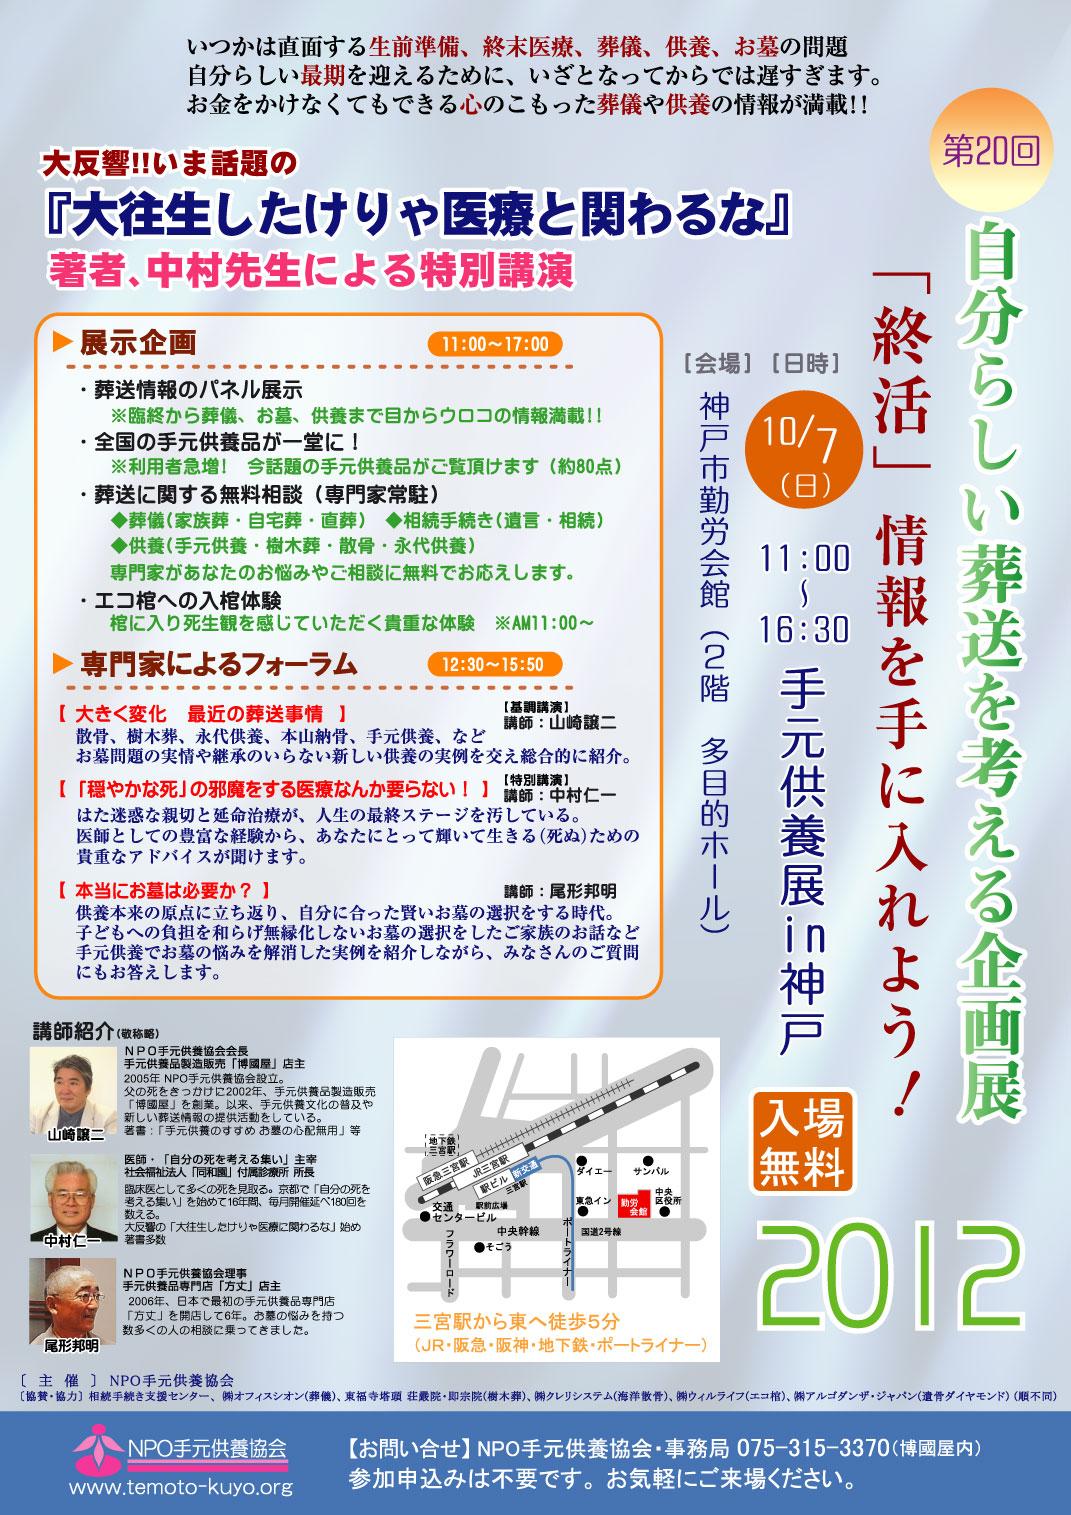 神戸展決定稿0906アウトライン